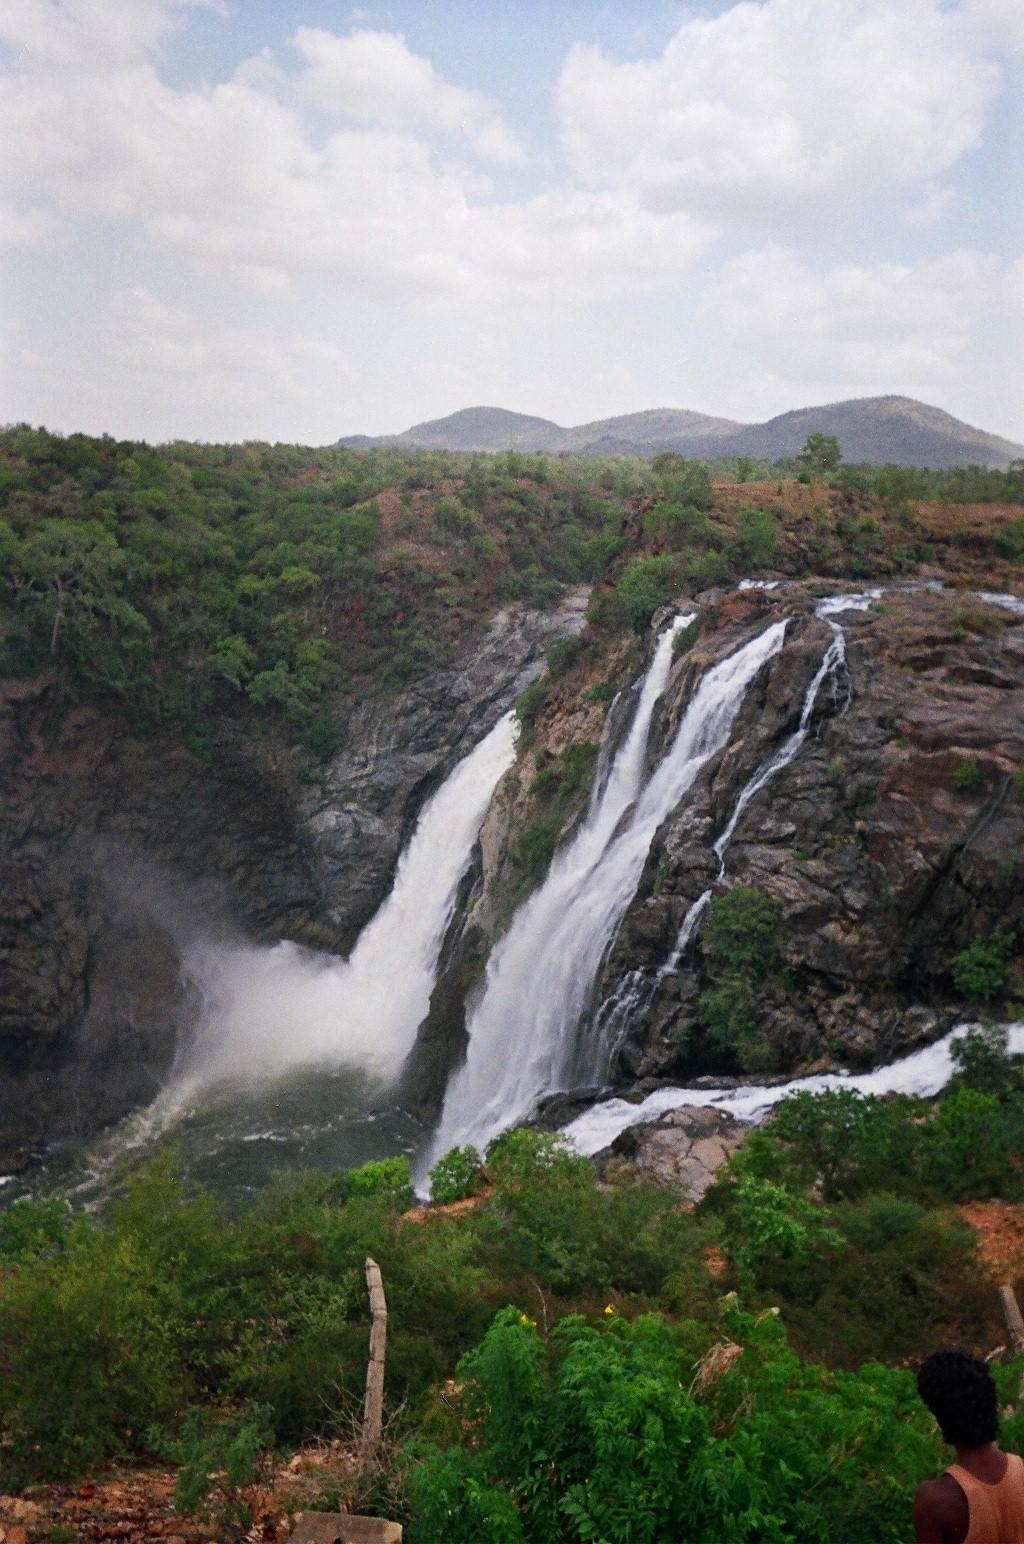 Shivanasamudra Falls on the Kaveri River near Mysore.